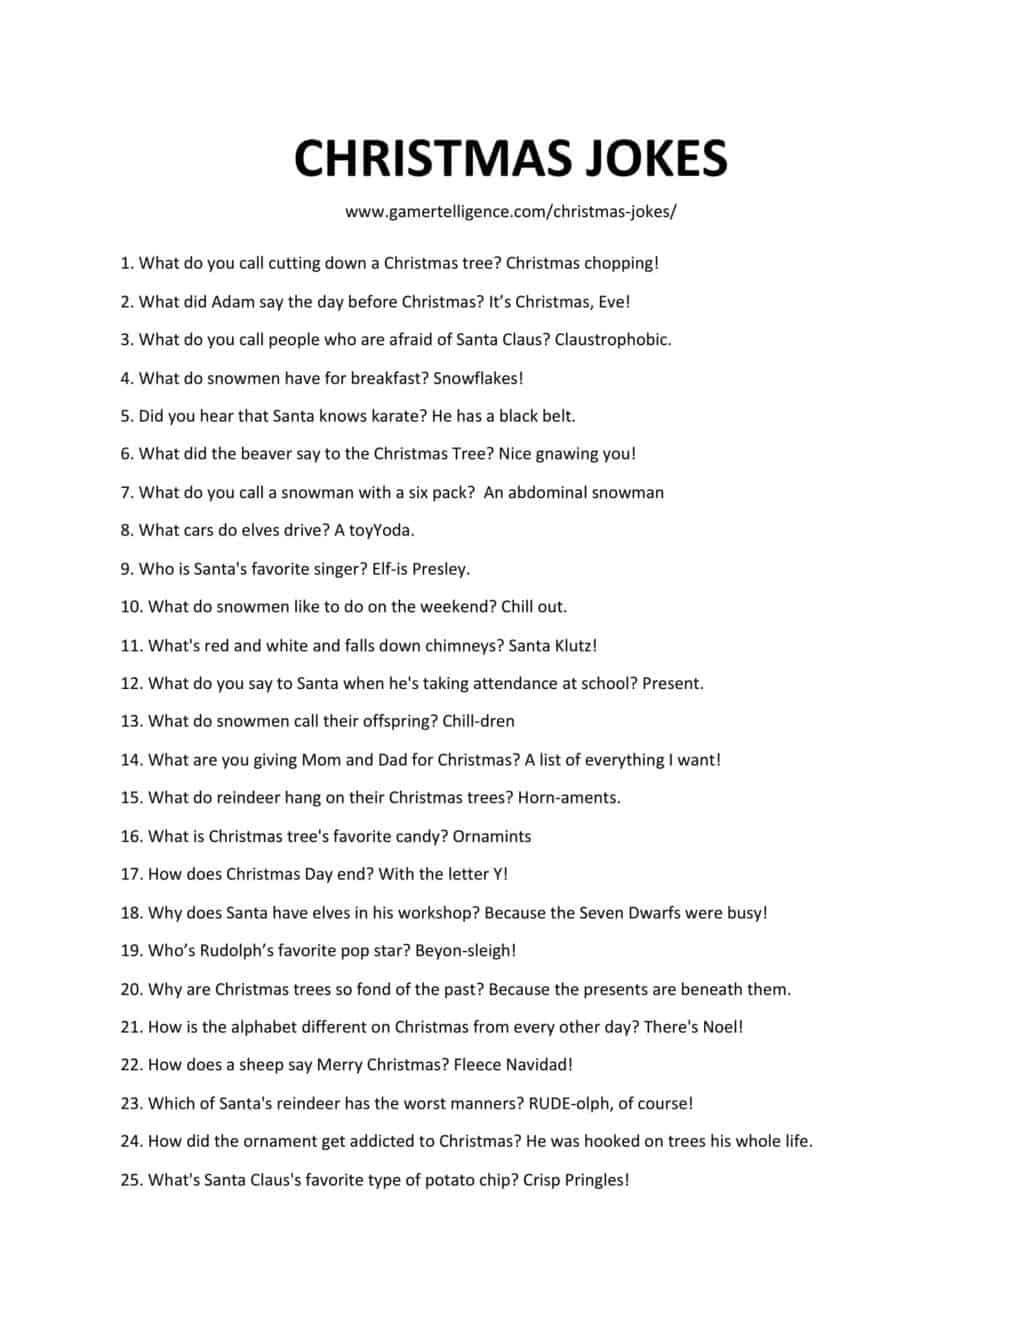 Downloadable and printable list of Christmas jokes as jpg or pdf